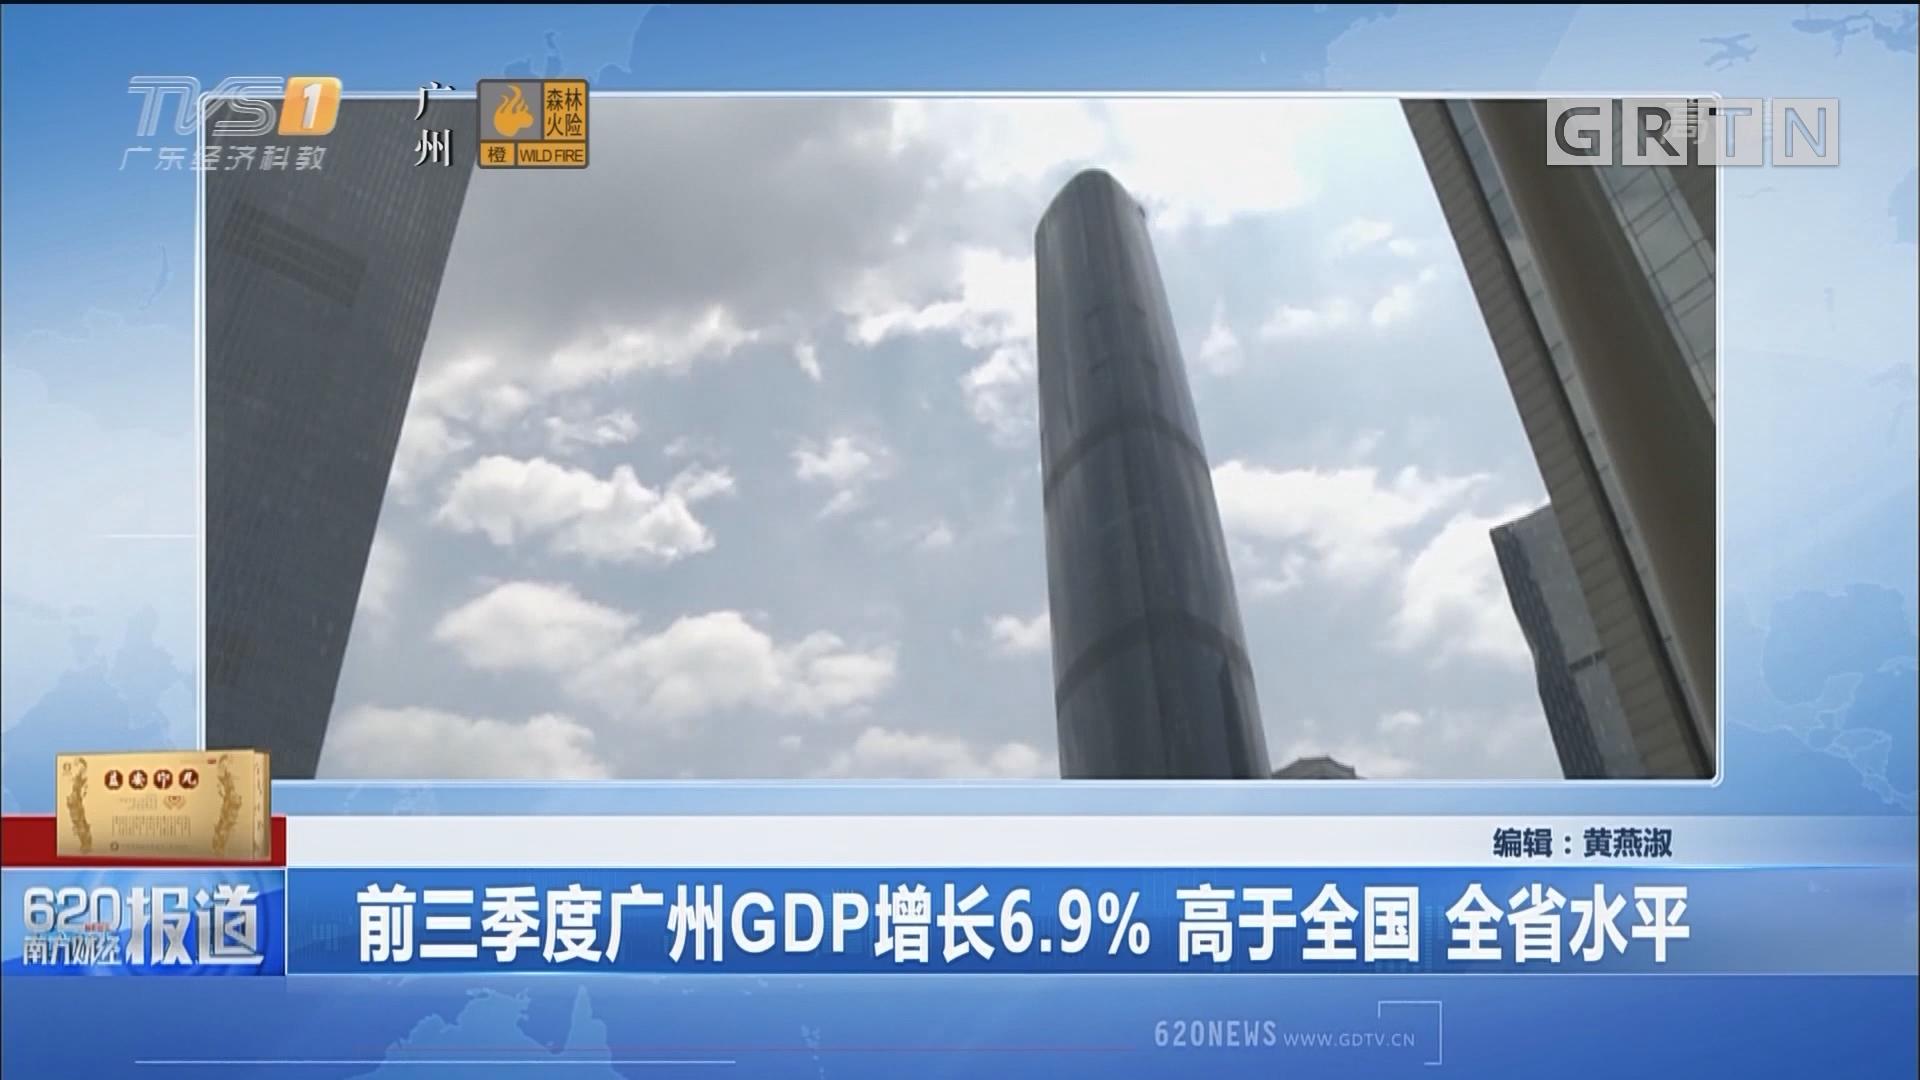 前三季度广州GDP增长6.9% 高于全国 全省水平